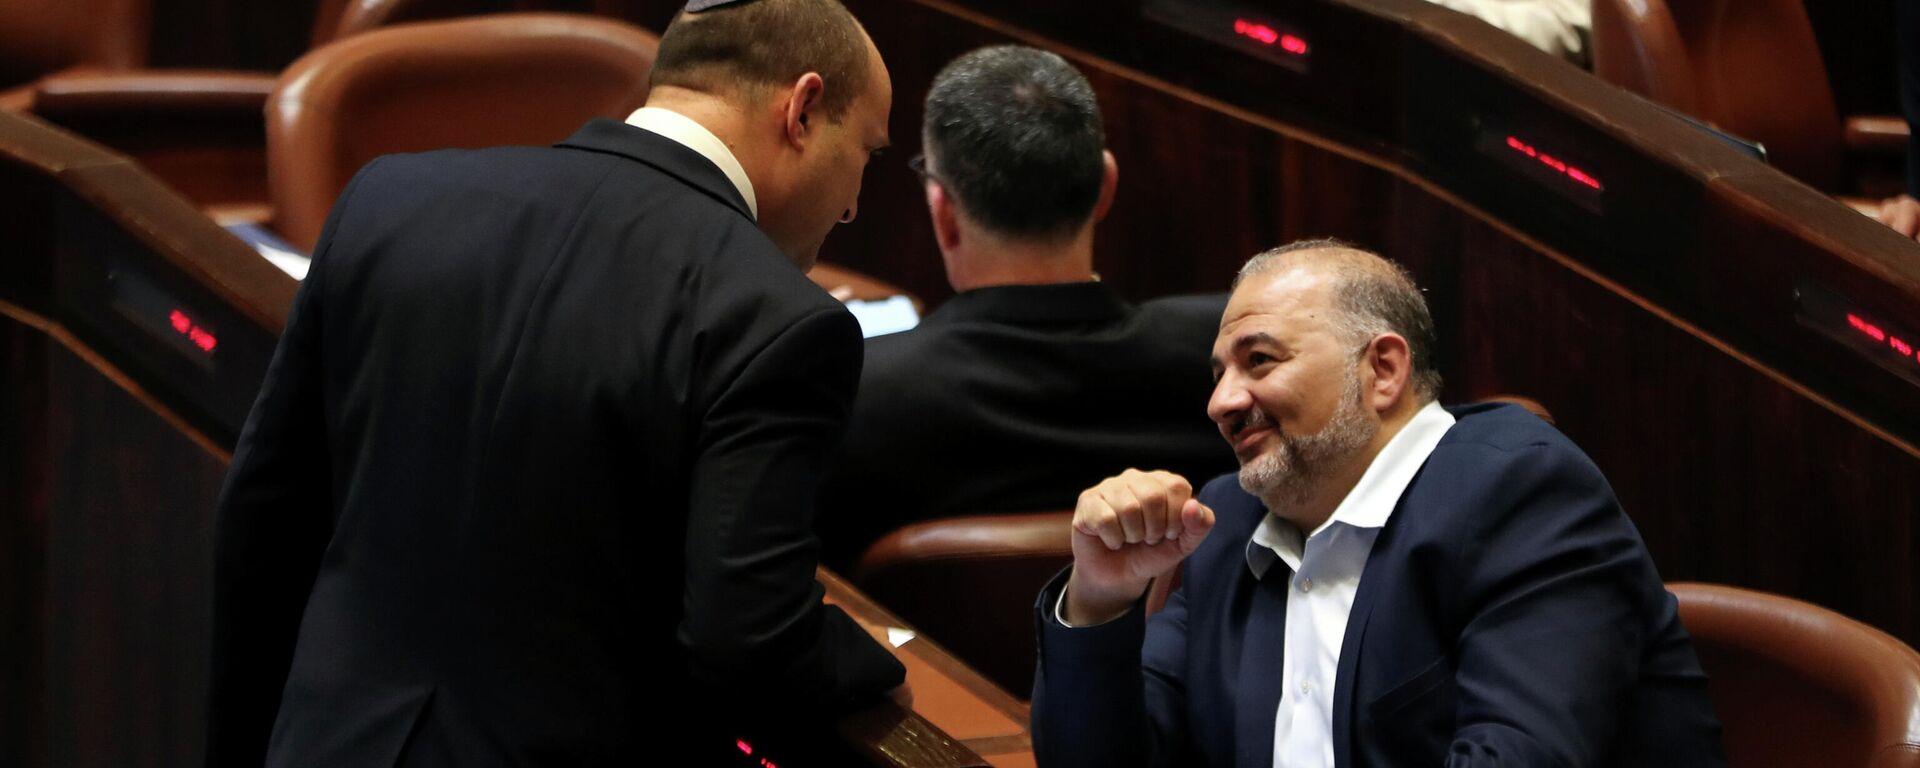 Naftali Bennett, el primer ministro designado, habla con el líder de la Lista Árabe Unida, Mansur Abás, durante una sesión especial de la Knéset, el parlamento de Israel, en Jerusalén el 13 de junio de 2021.  - Sputnik Mundo, 1920, 08.07.2021